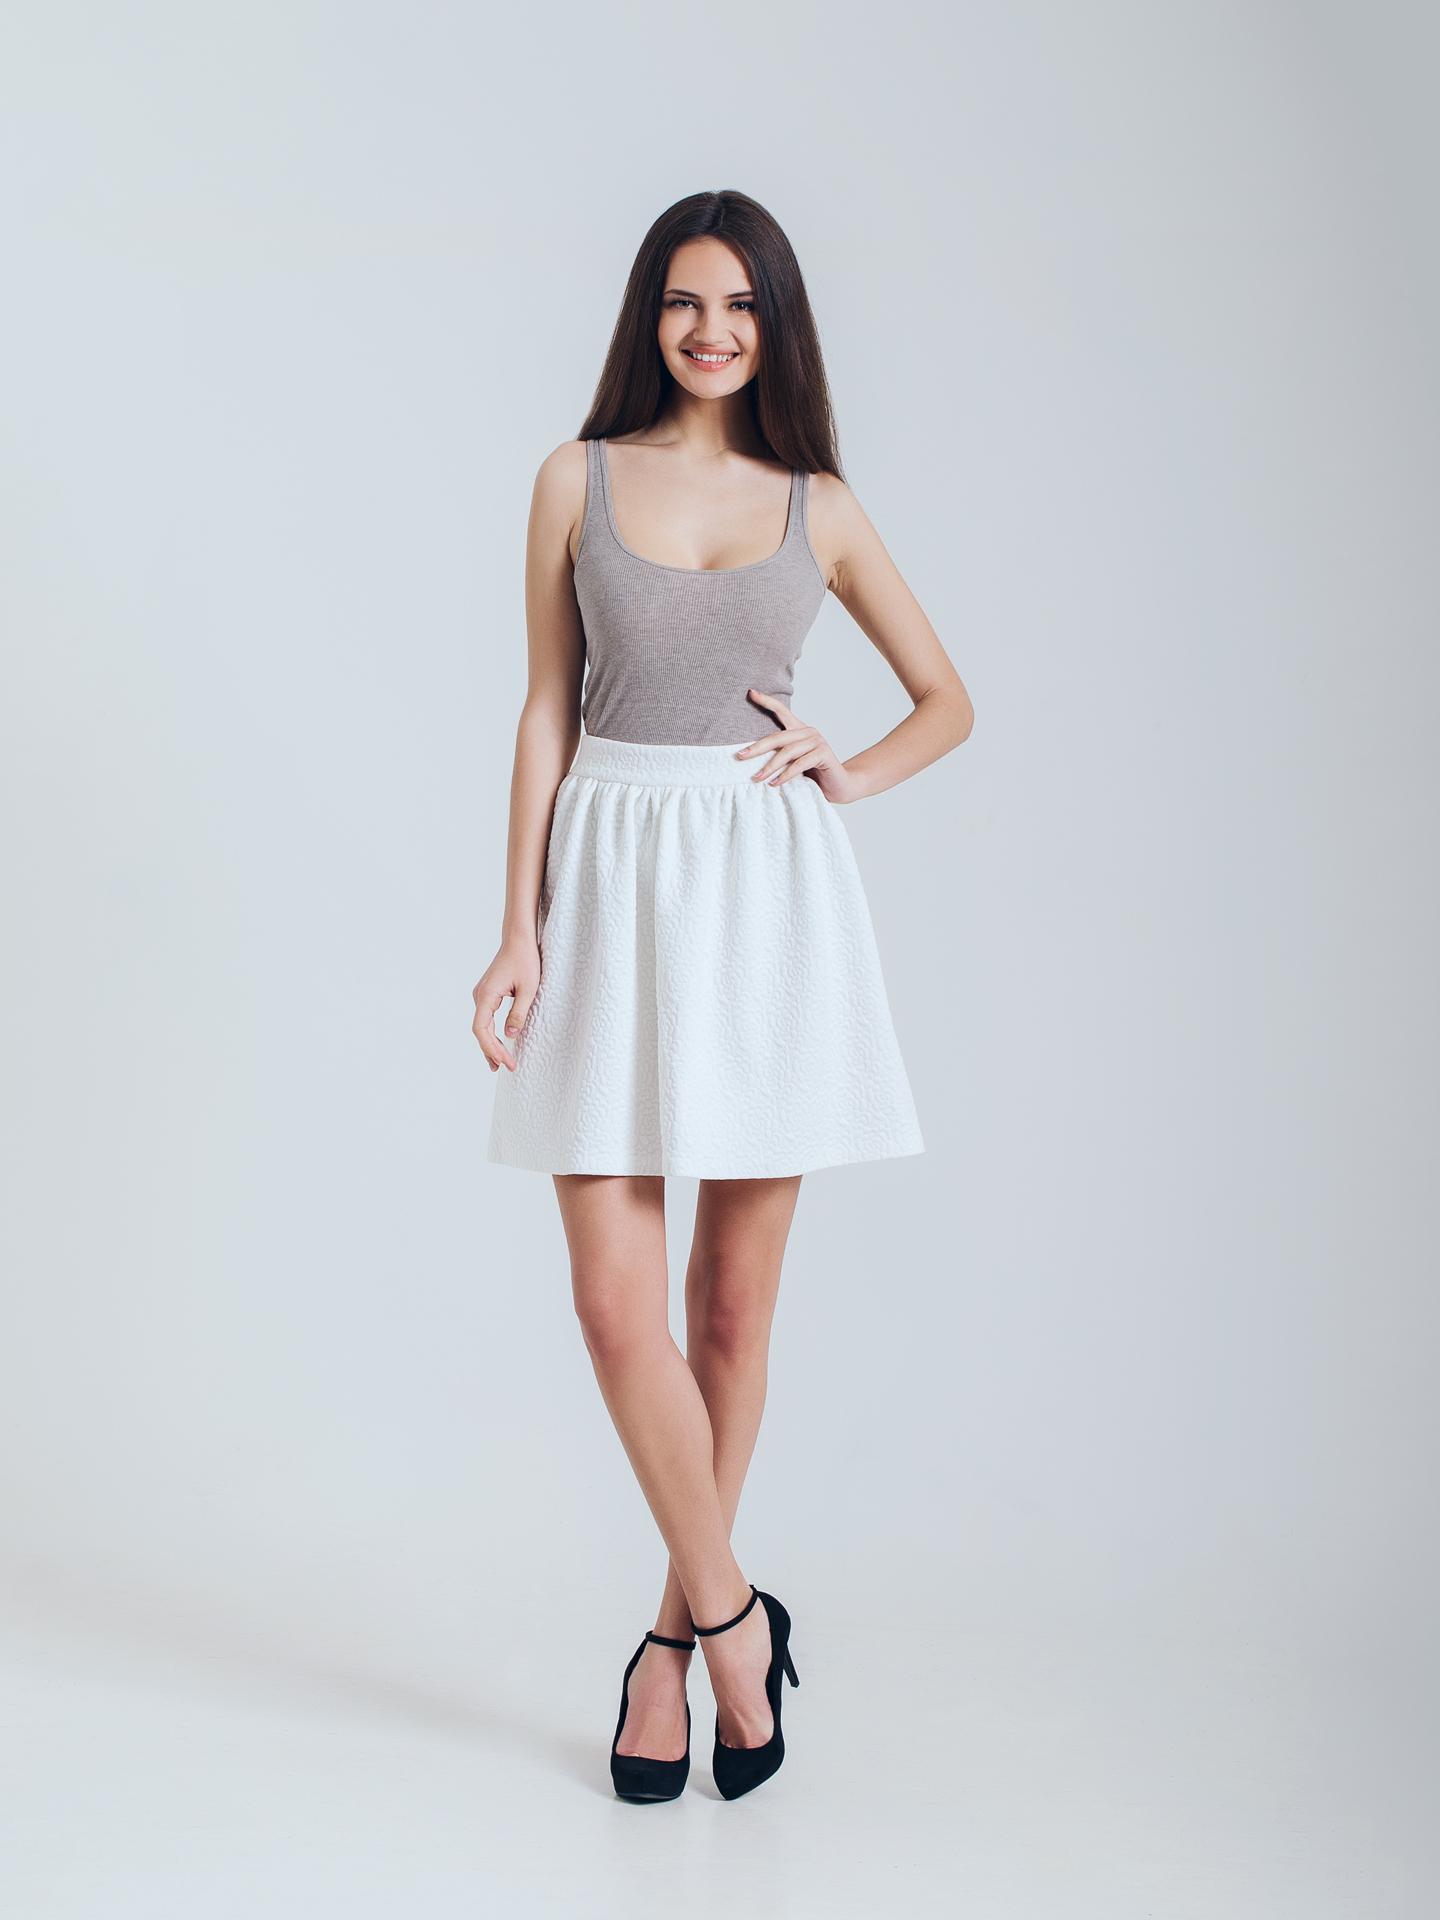 Fashion Model 2